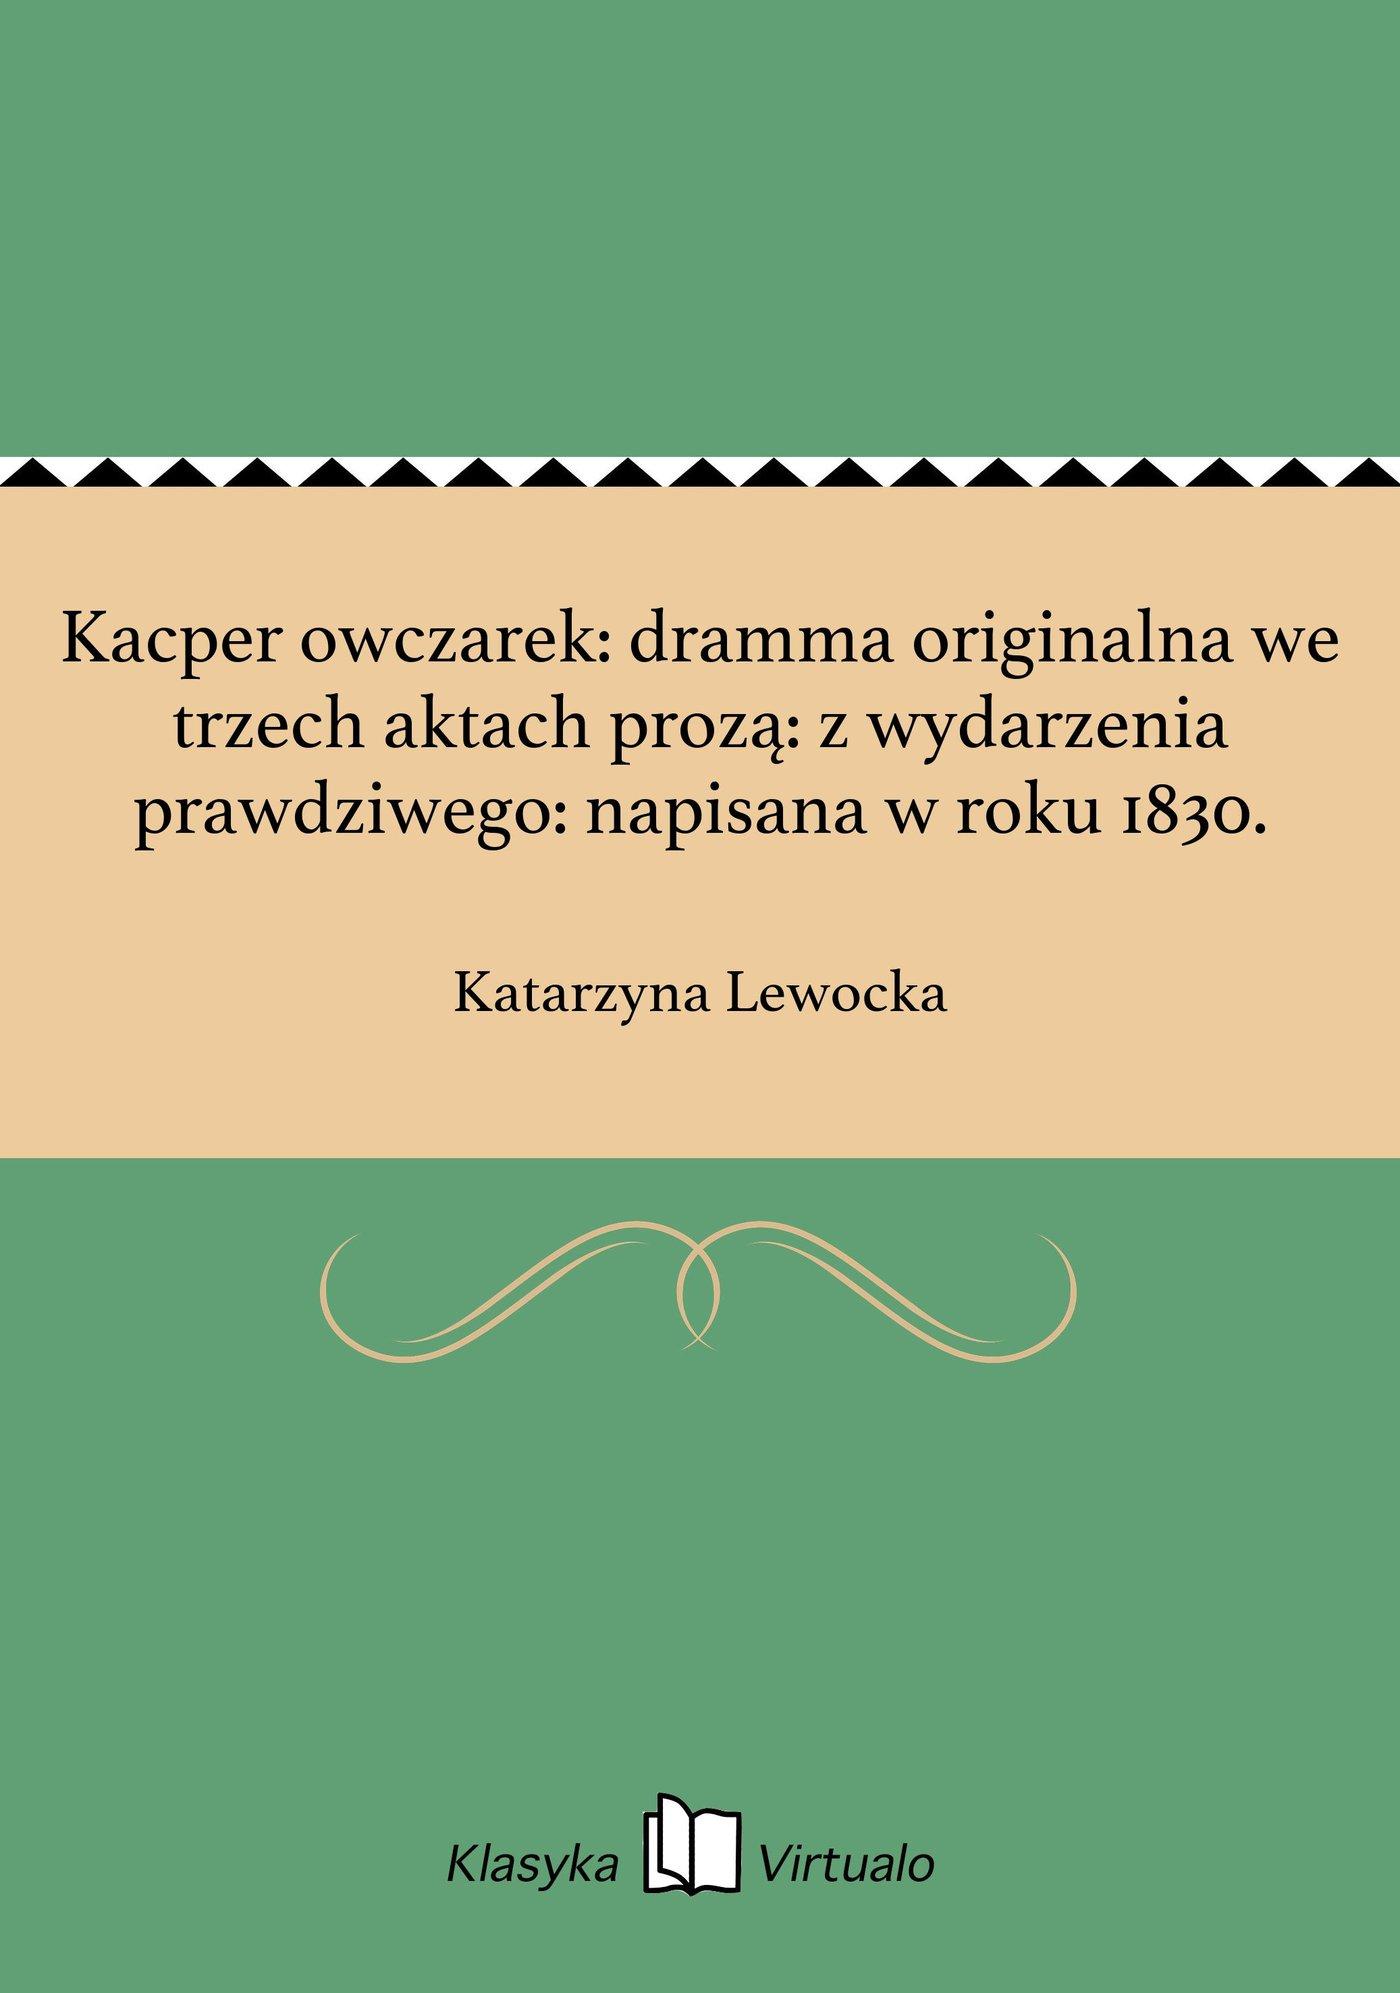 Kacper owczarek: dramma originalna we trzech aktach prozą: z wydarzenia prawdziwego: napisana w roku 1830. - Ebook (Książka na Kindle) do pobrania w formacie MOBI